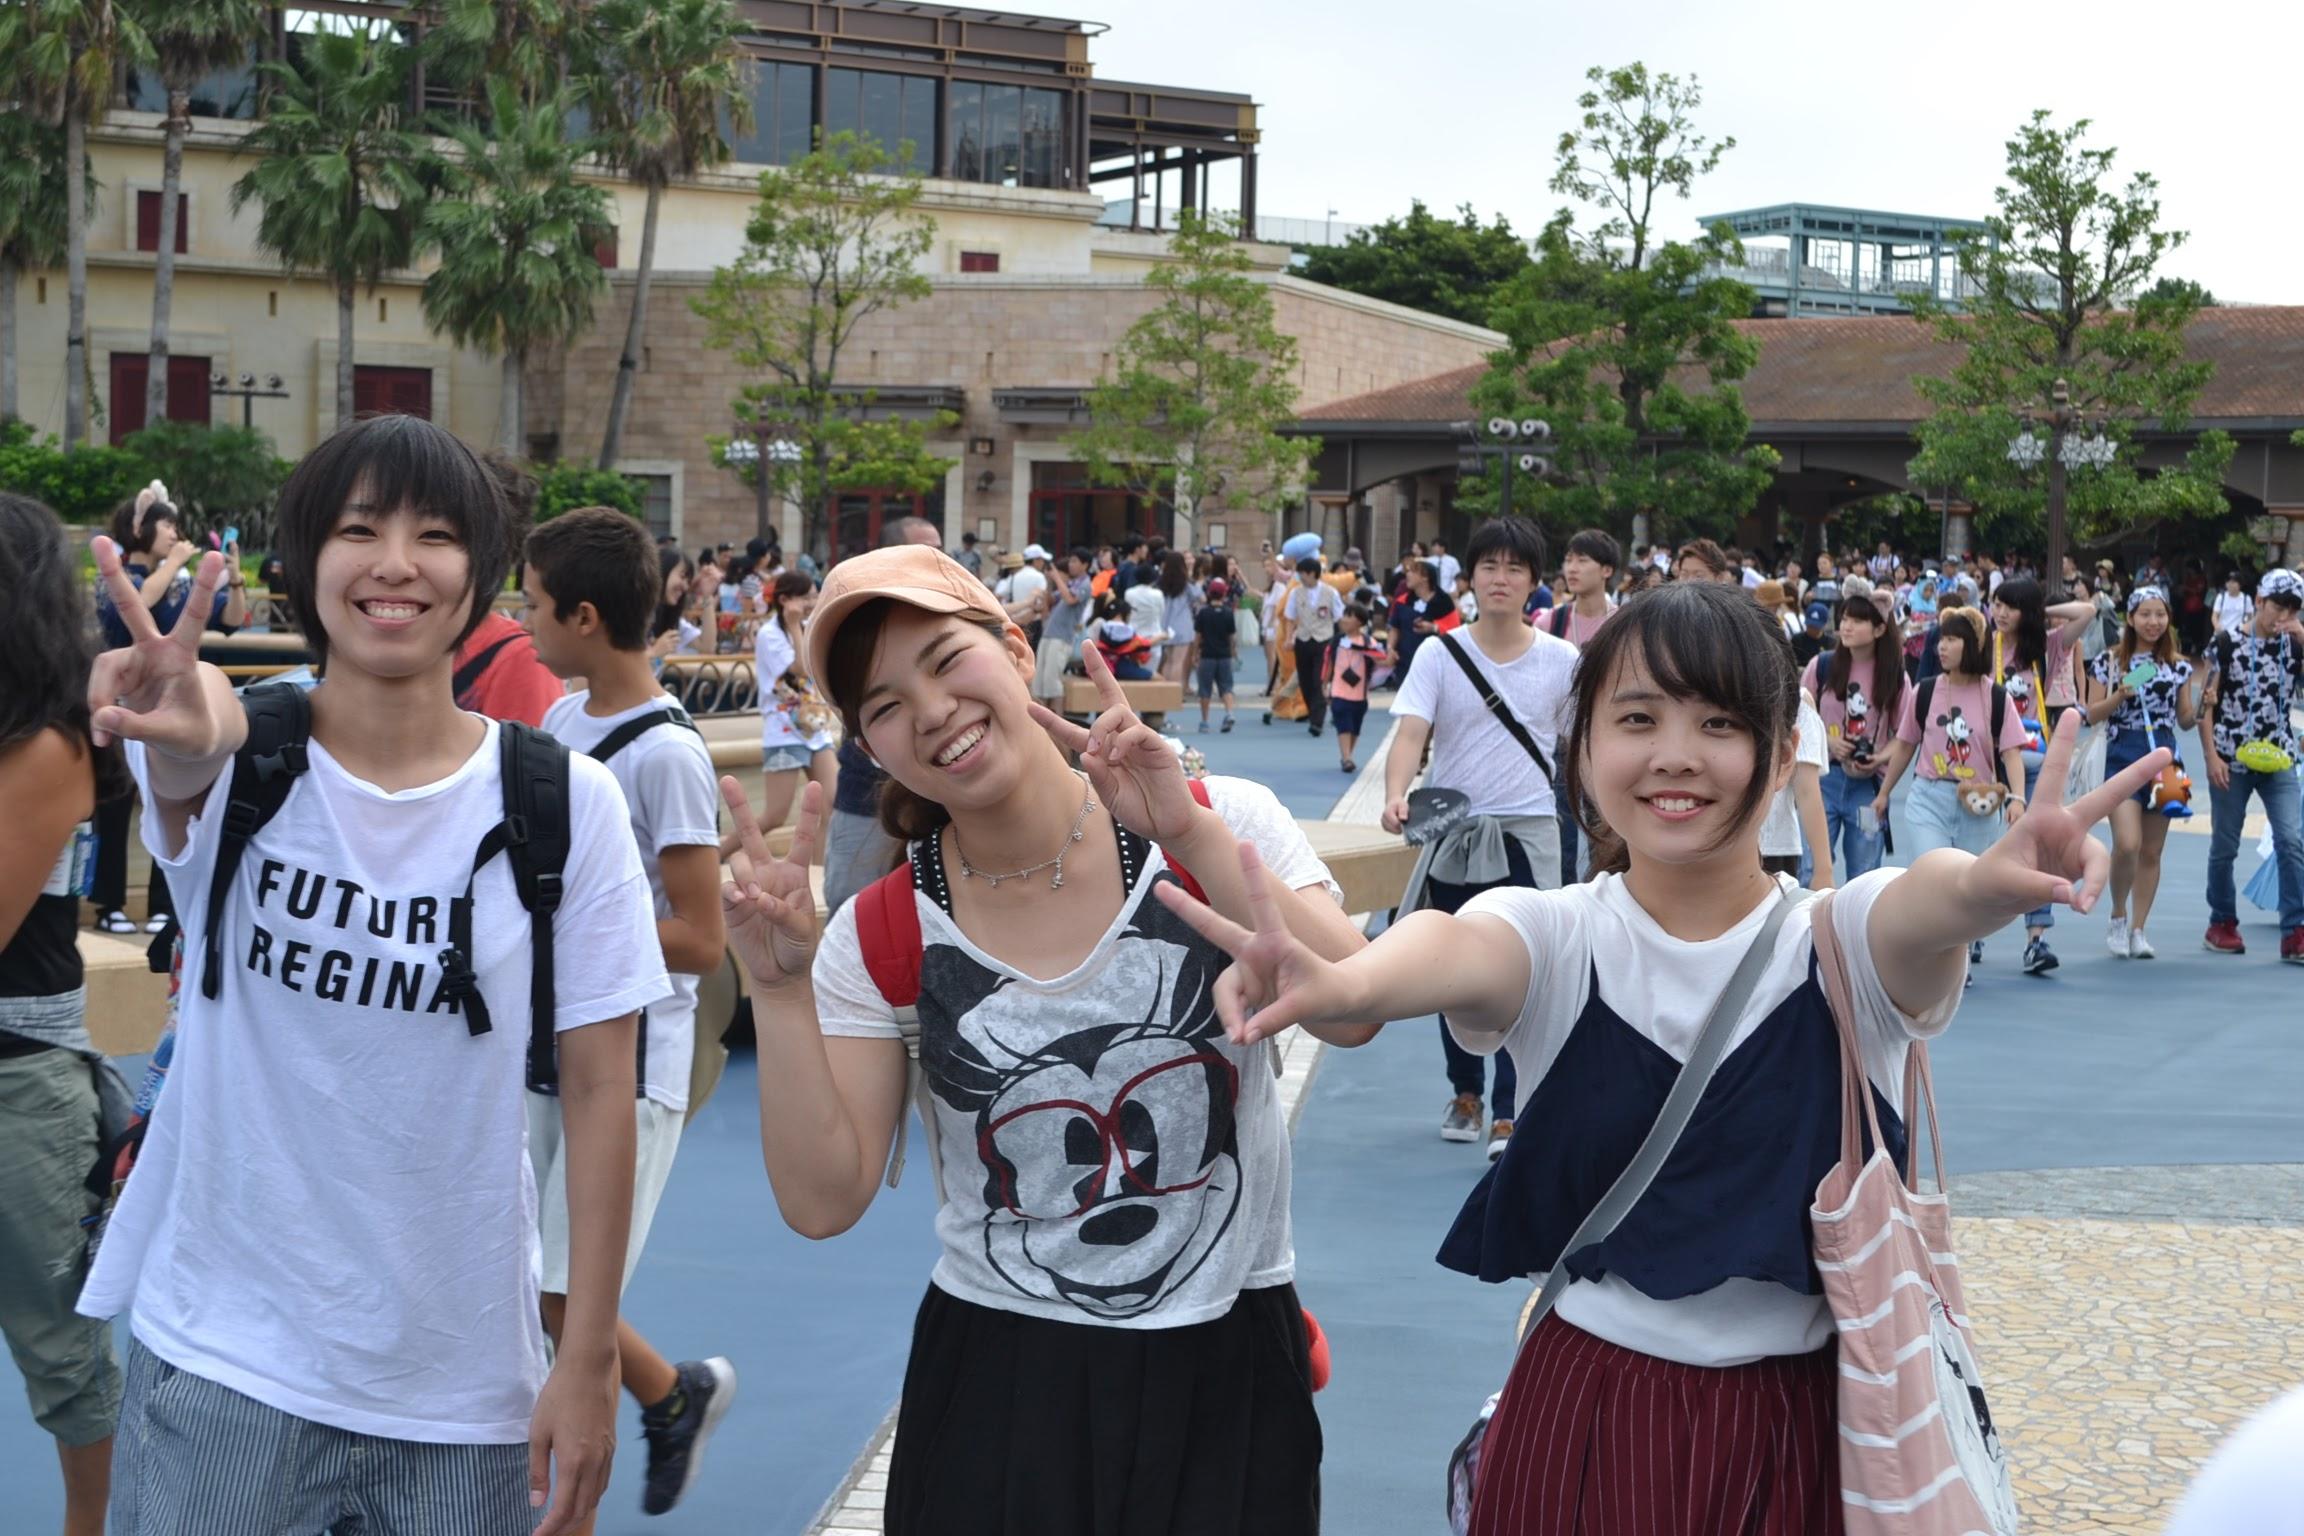 医水ディズニー2017夏! – tsukuba medical swim team